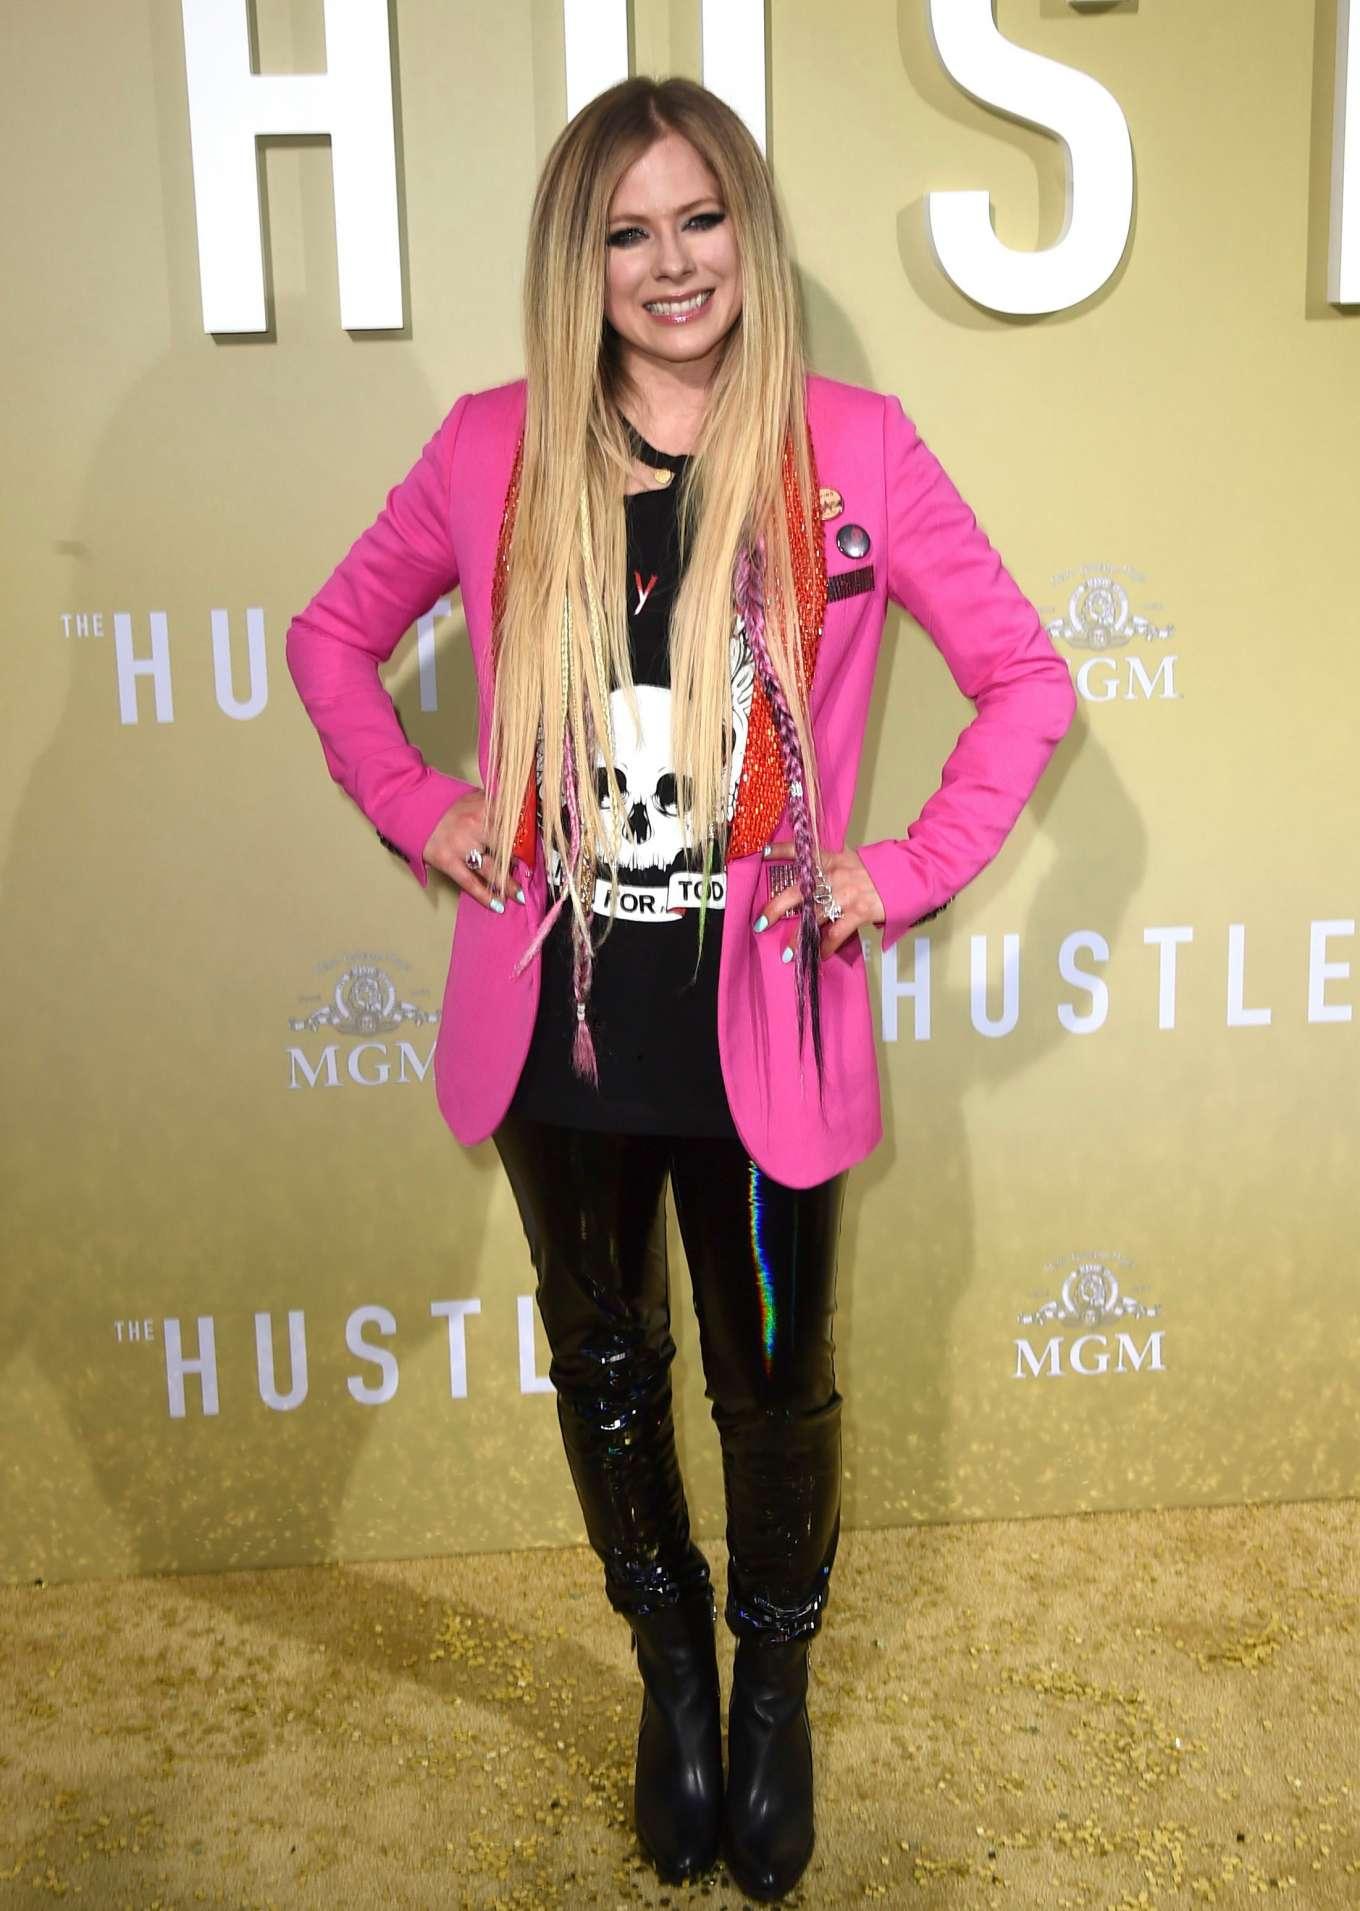 Avril Lavigne 2019 : Avril Lavigne: The Hustle LA Premiere -02